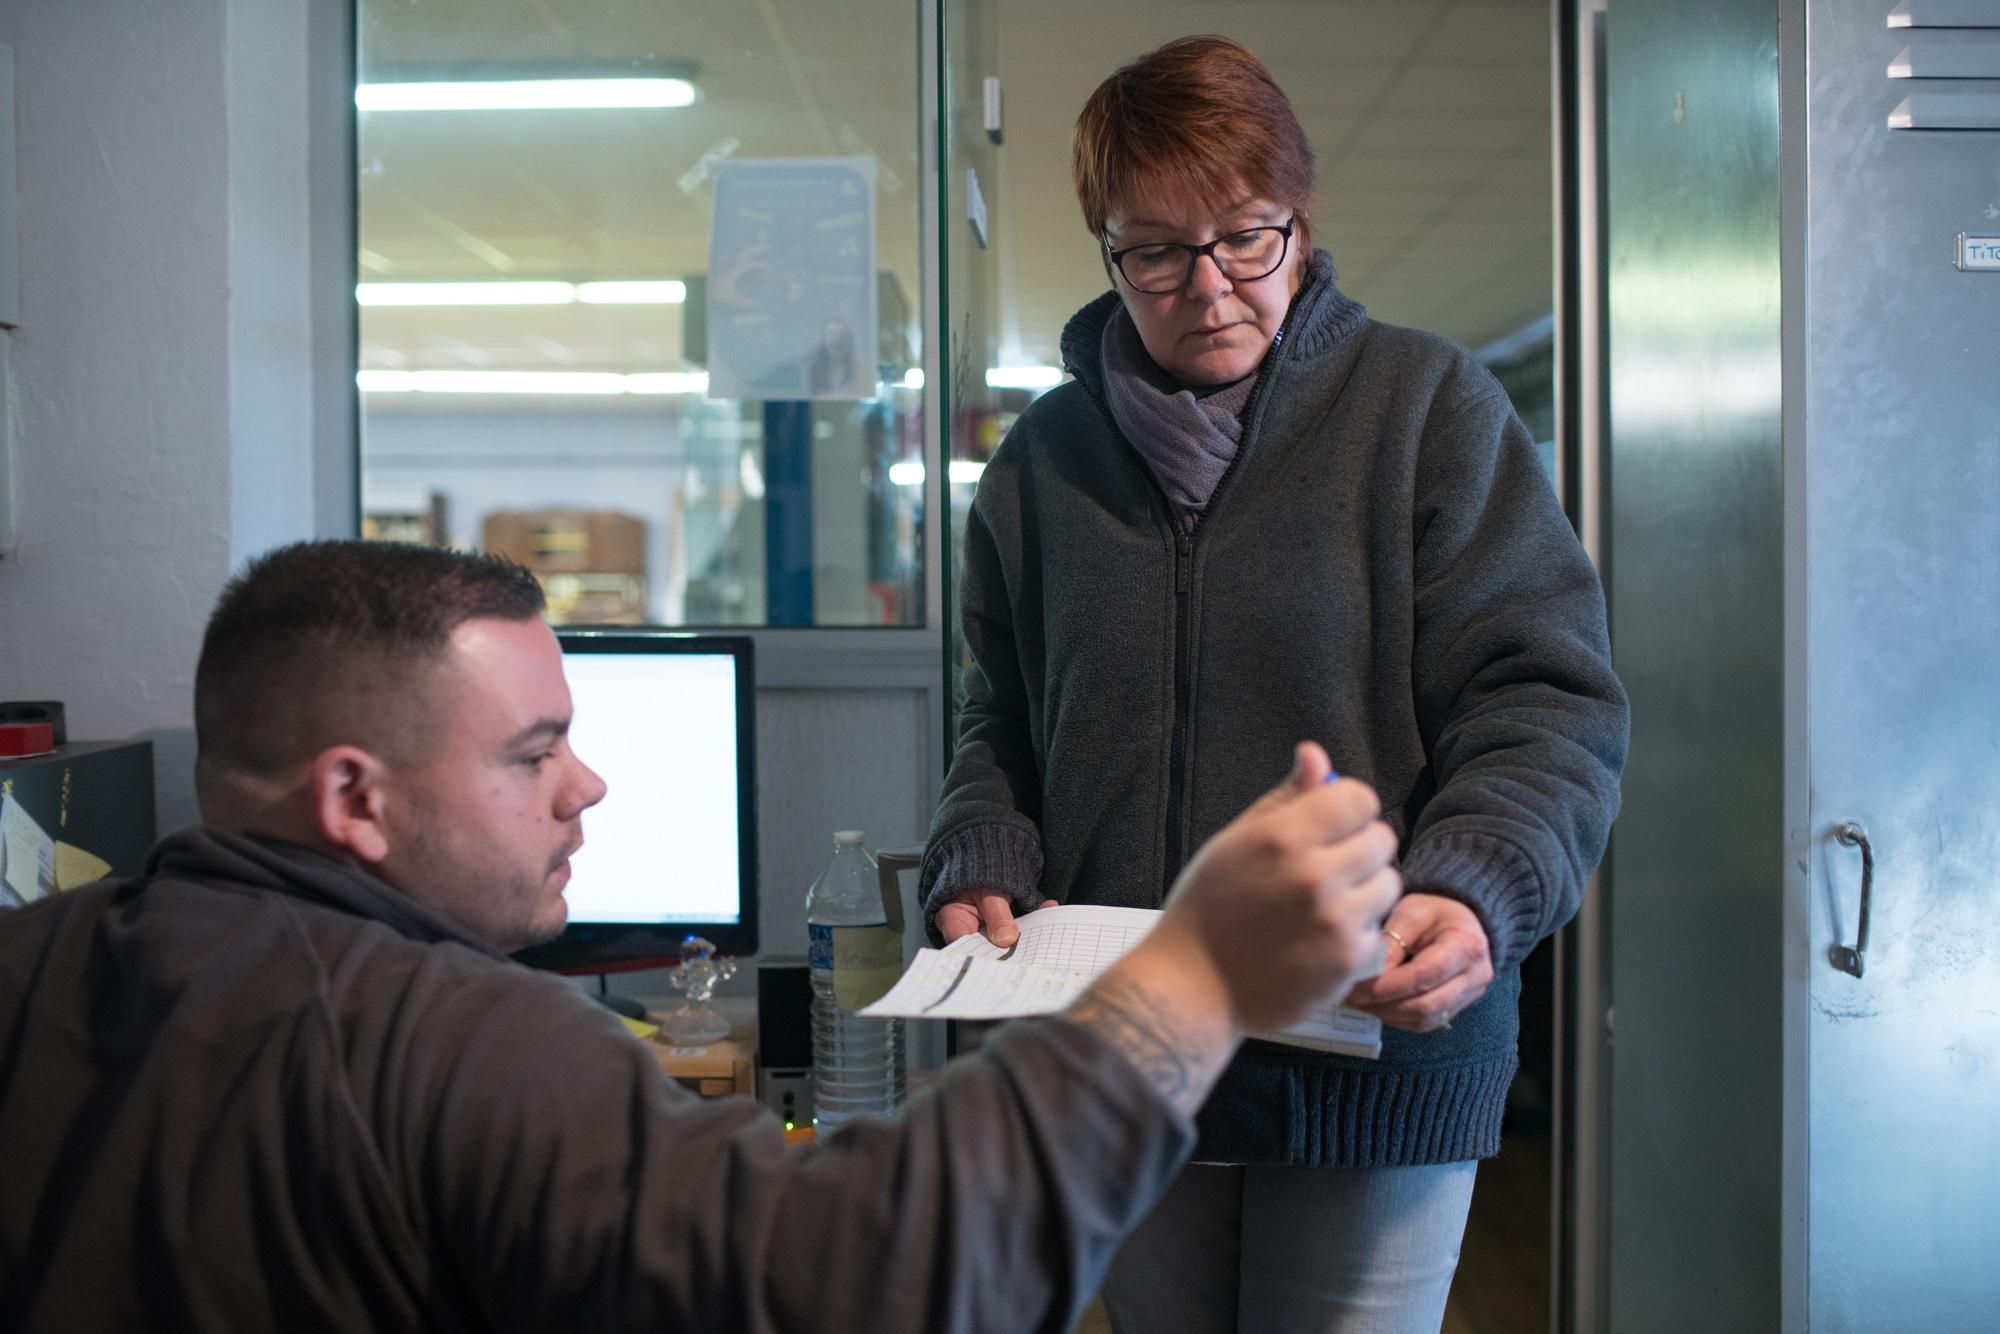 Nathalie consulte un tableau imprimé. Au premier plan on aperçoit un collègue de travail.